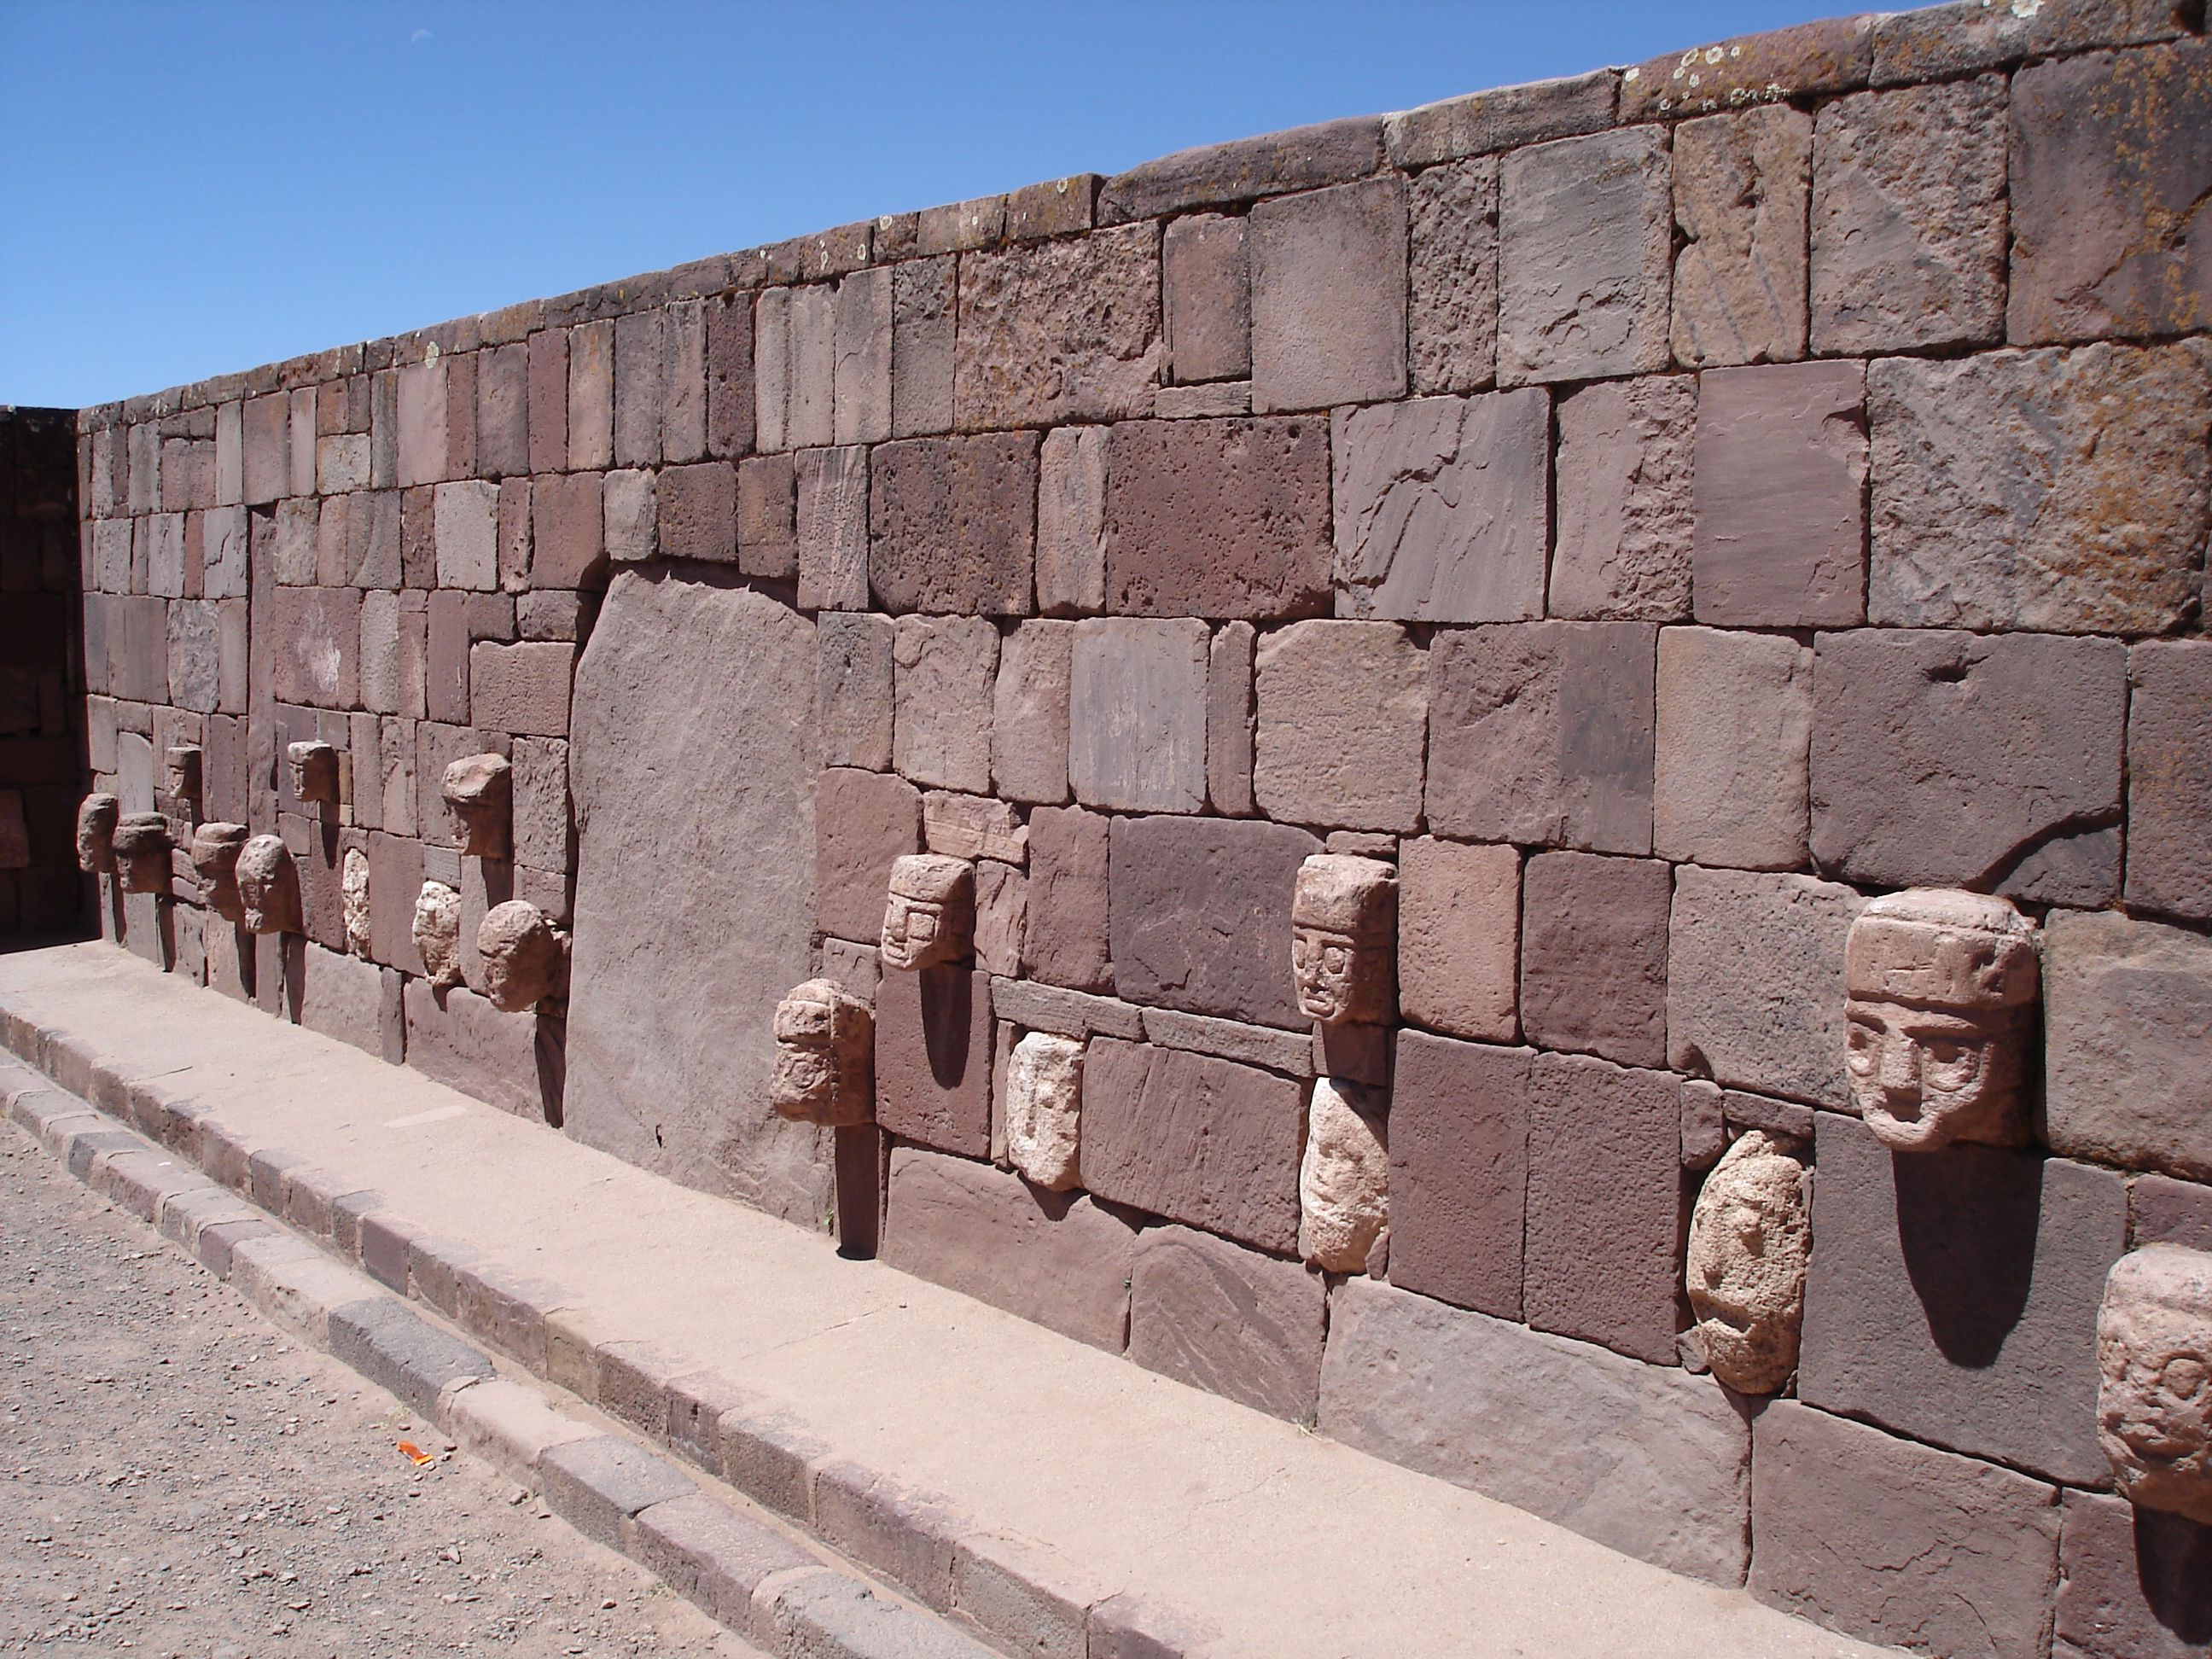 Tiwanaku stone wall